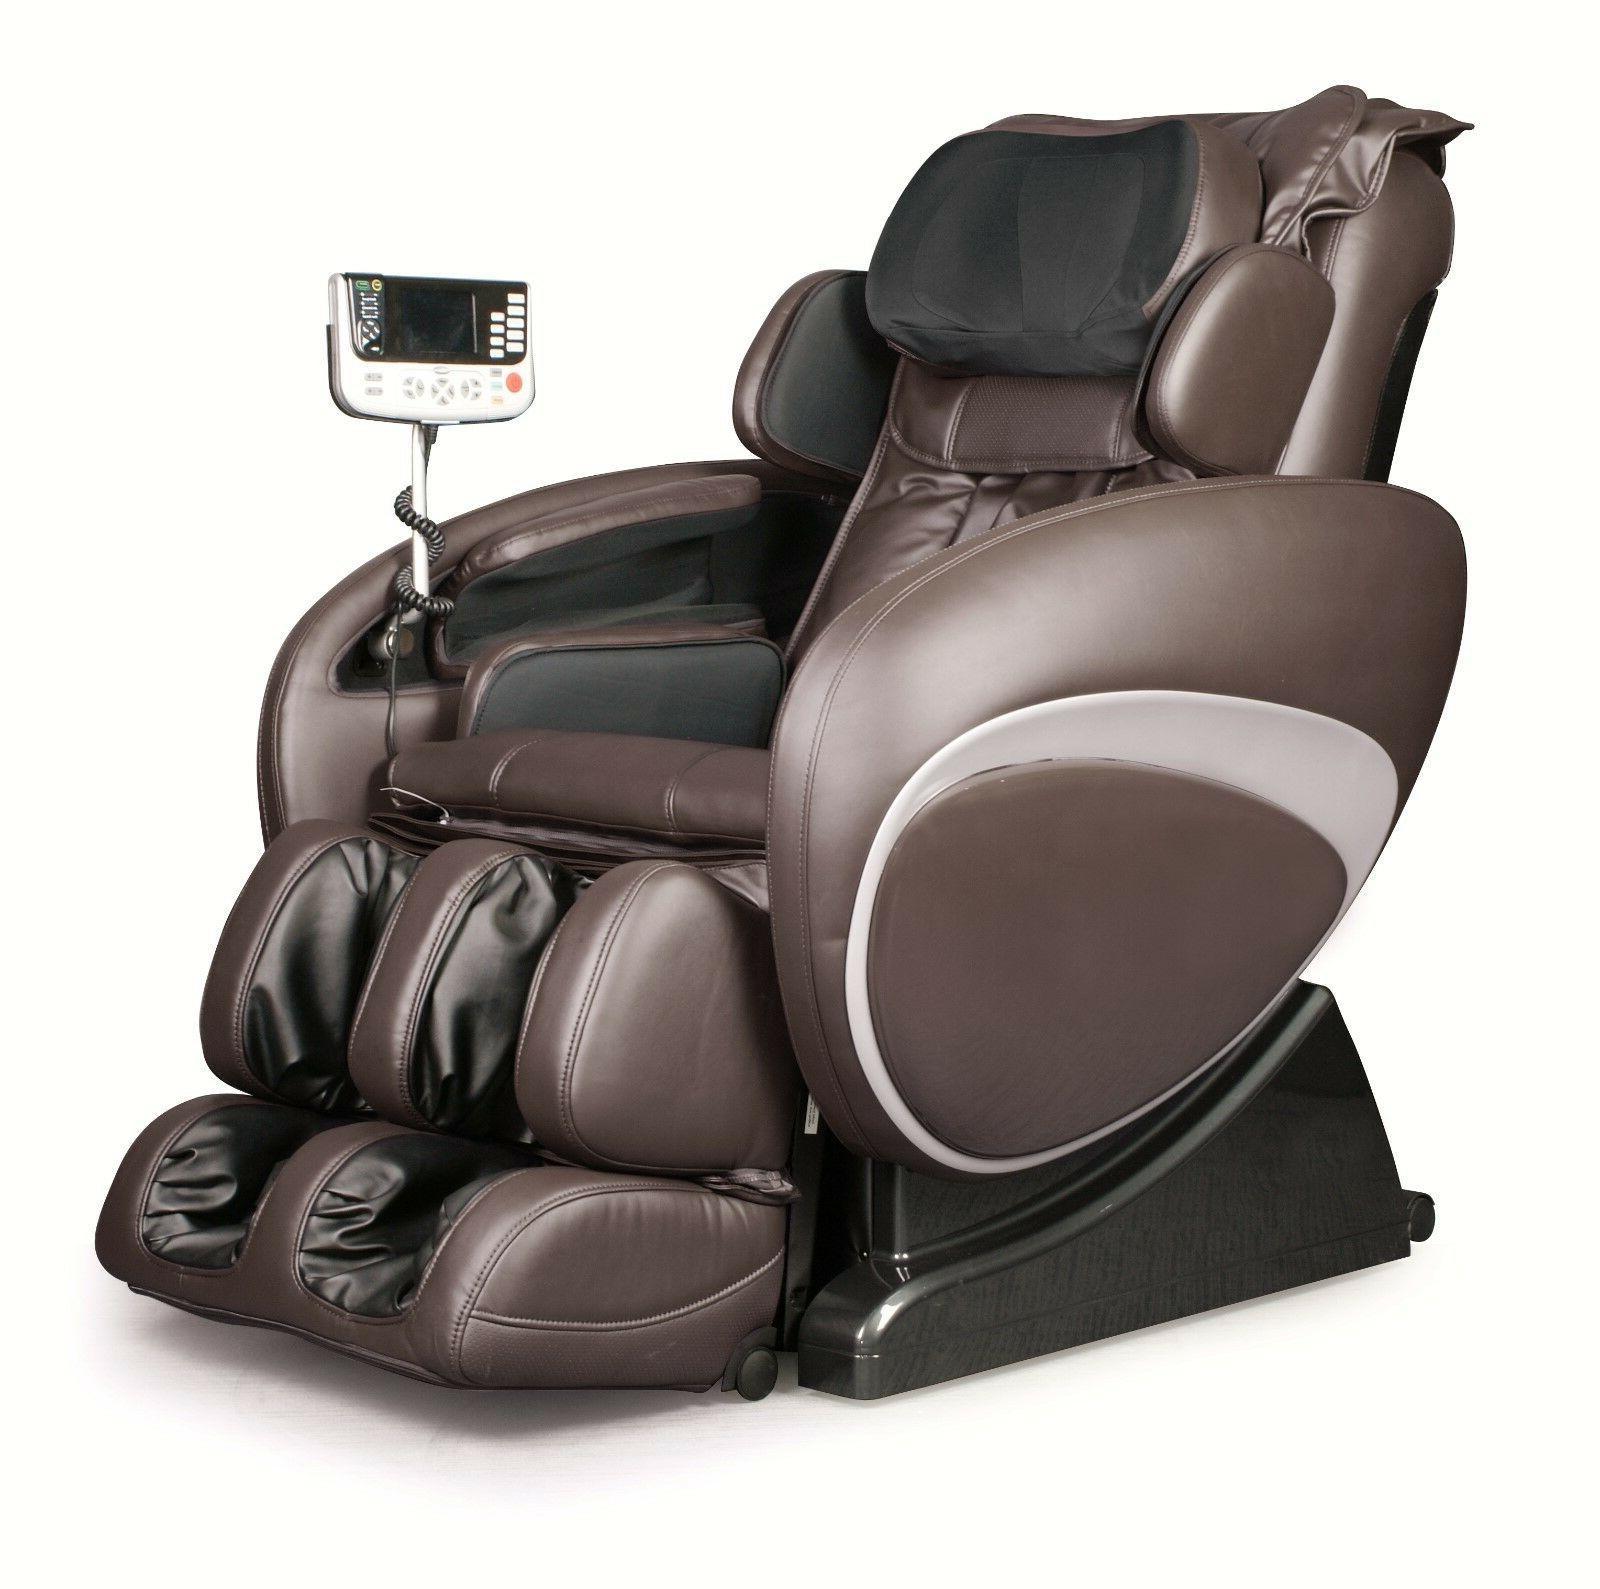 Osaki OS-4000 Brown Zero Gravity Massage Chair Recliner  3 Y